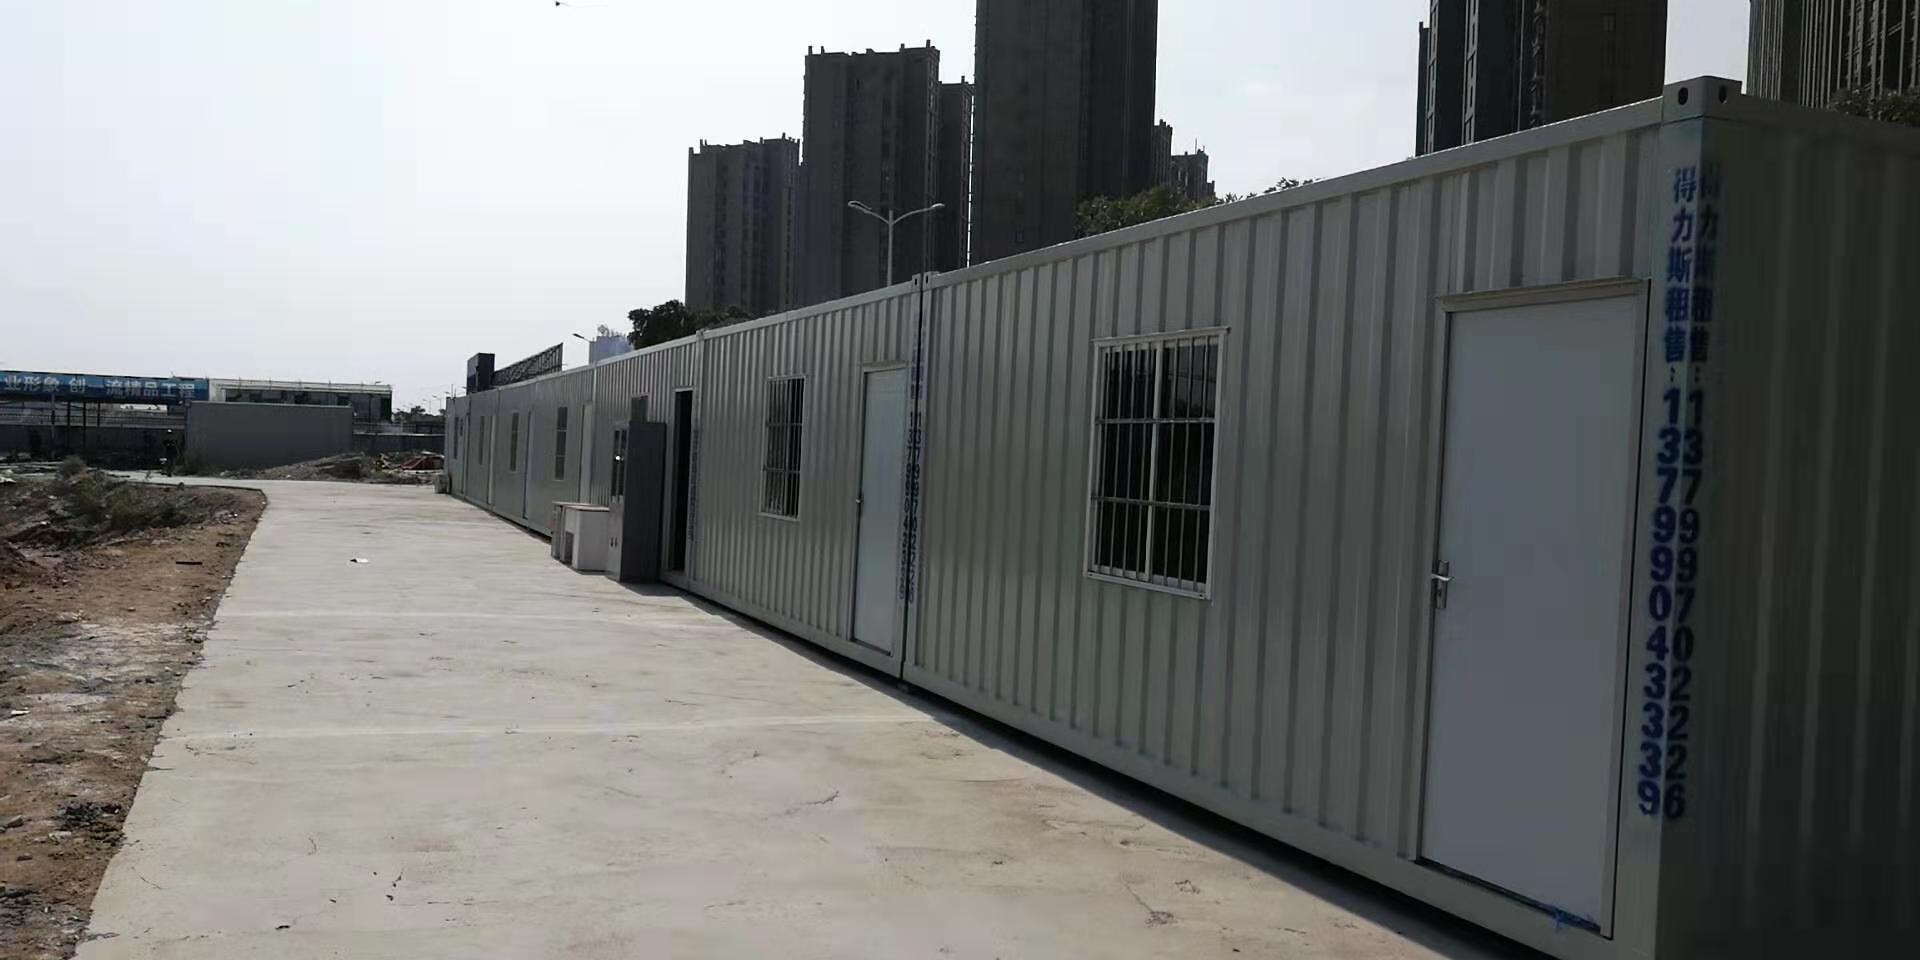 集装箱活动房的结构与设计原理